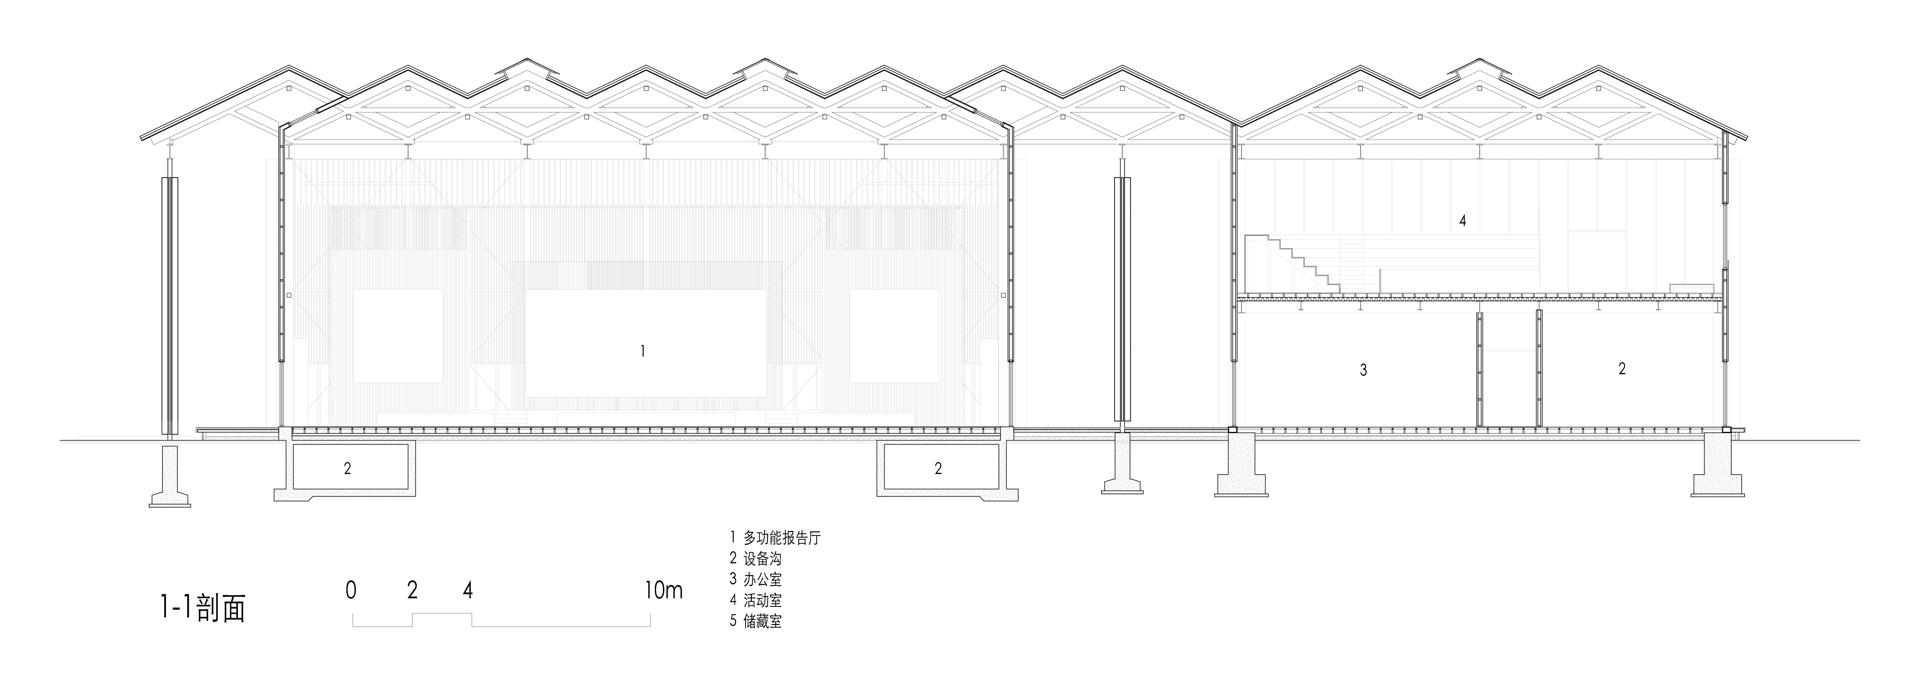 AZL Architects réalise en Chine le Shitang Village Internet Conference Center